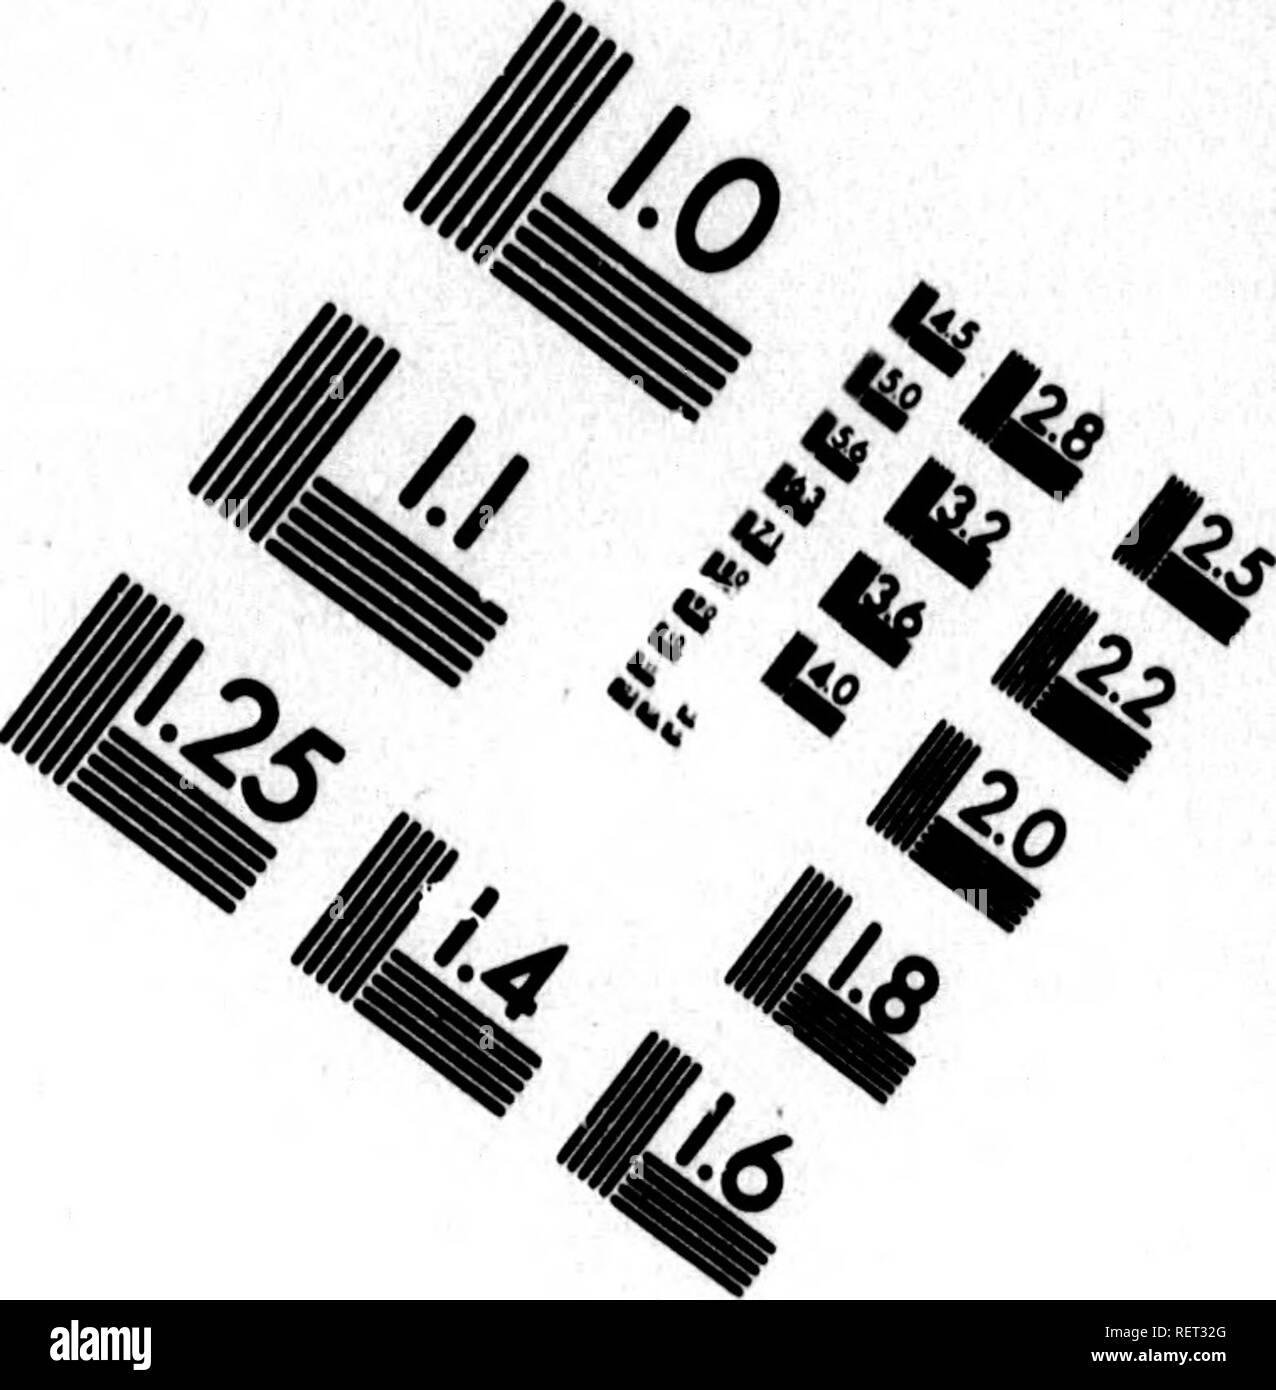 . Histoire naturelle, générale et particulière [microforme] : servant de suite à la théorie de la terre, & d'introduction à l'histoire des miné raux. Sciences naturelles; Natural history. IMAGE EVALUATION TEST TARGET (MT-3). 1.0 l.l 125 1122 â ii la 1^ 1^ â 4.0 12.0 lii iJ41^ 1 ^ ^// ^1 u â¢^1 ^ 7. Please note that these images are extracted from scanned page images that may have been digitally enhanced for readability - coloration and appearance of these illustrations may not perfectly resemble the original work.. Buffon, Georges Louis Leclerc, comte de, 1707-1788. A Paris : De l'Imp - Stock Image